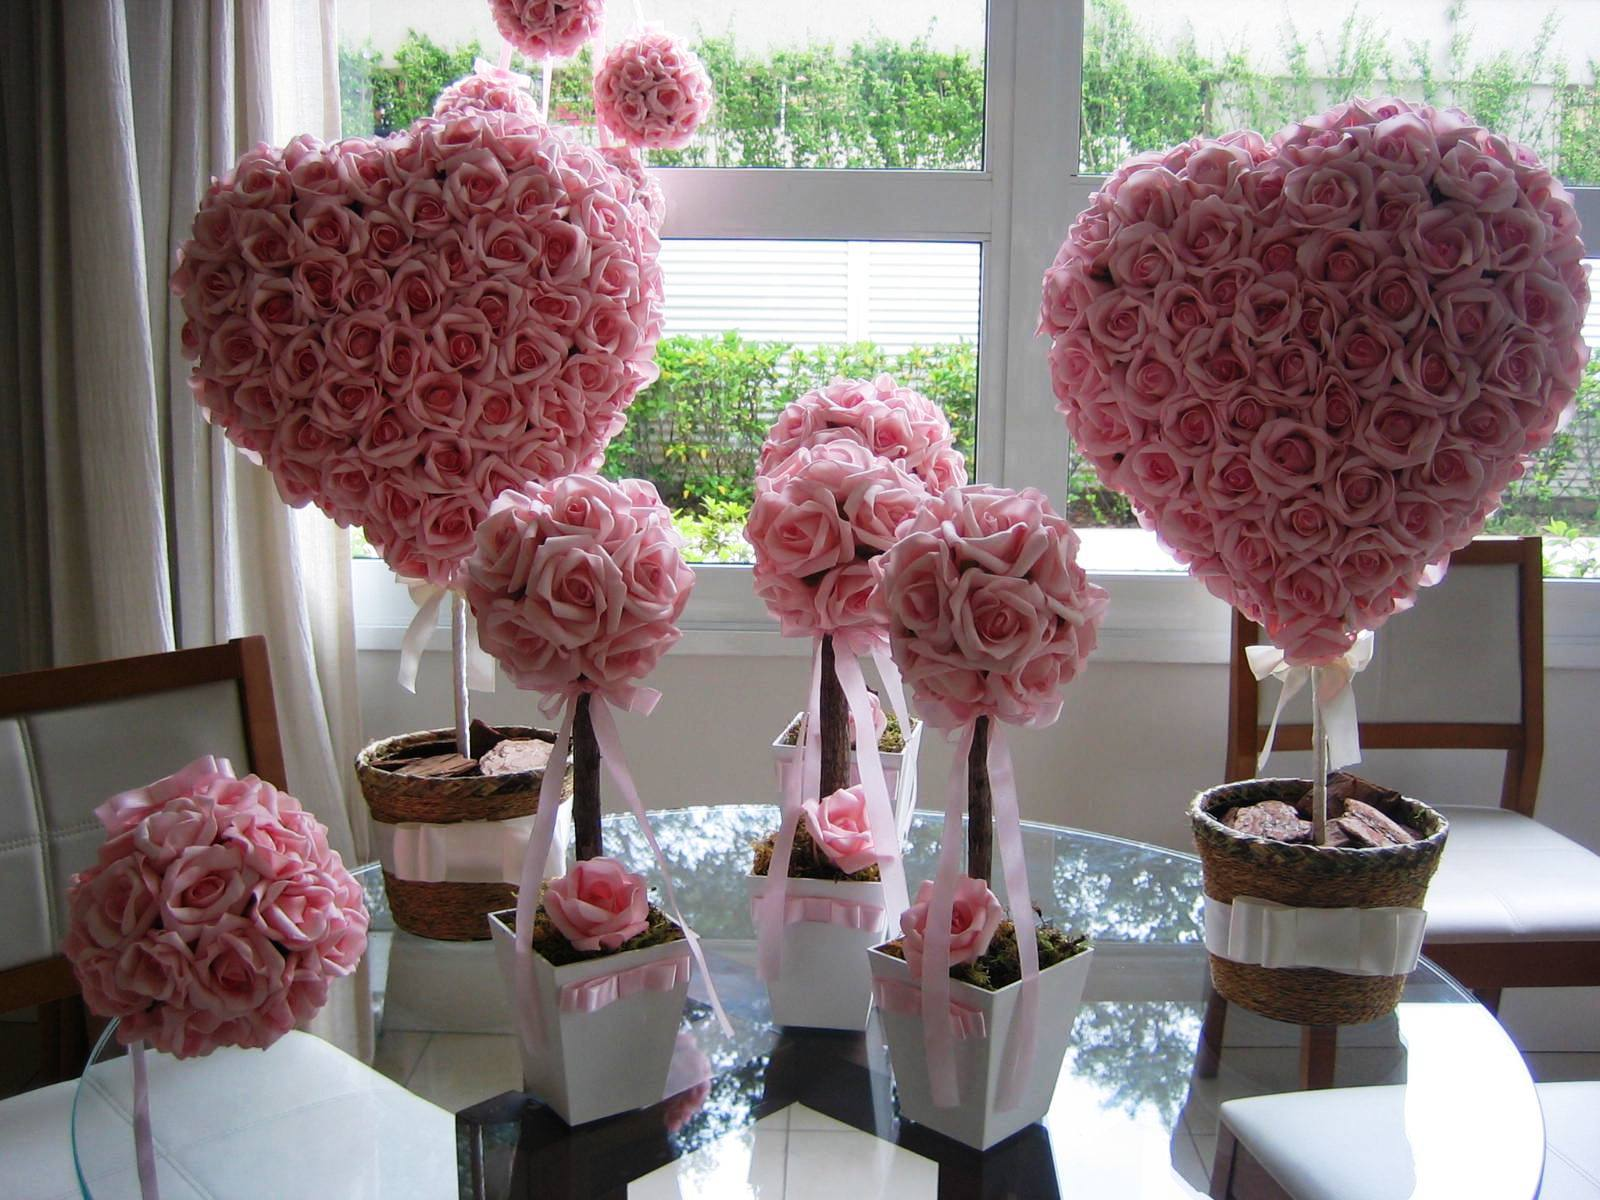 Kit decoraç u00e3o rosa para festas V Rosamorena Artes Florais Elo7 # Decoração De Flores Festa